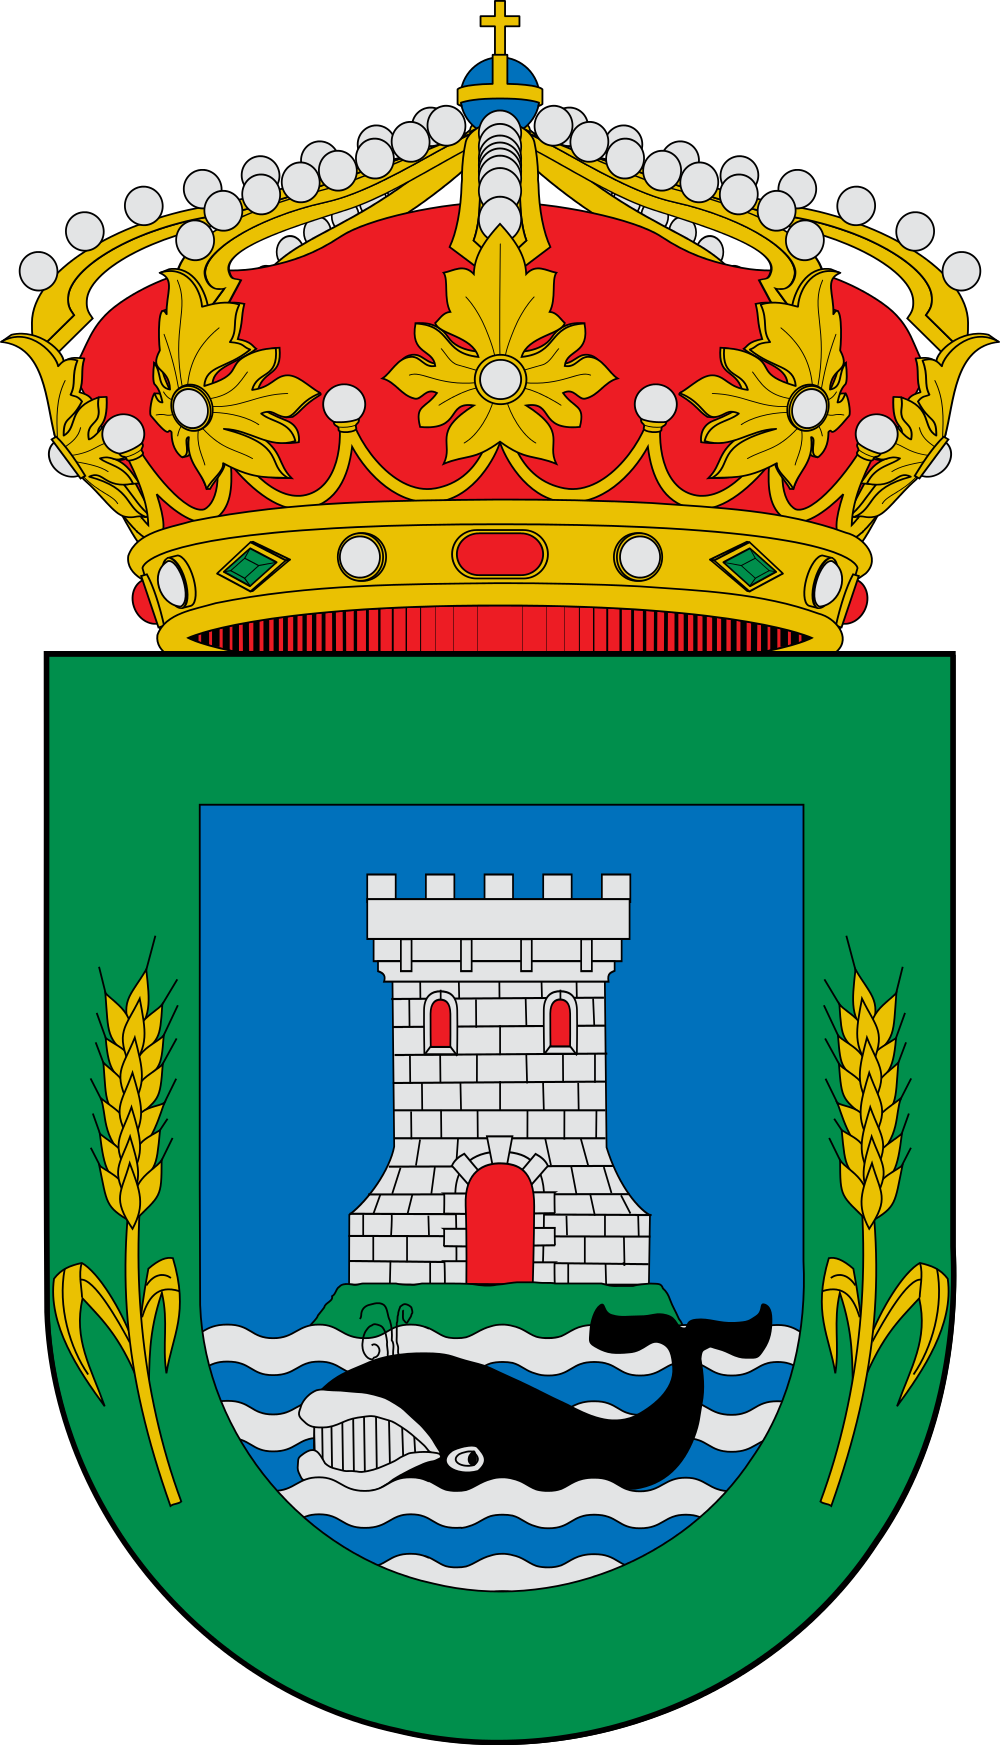 File:Escudo de Laracha.svg.